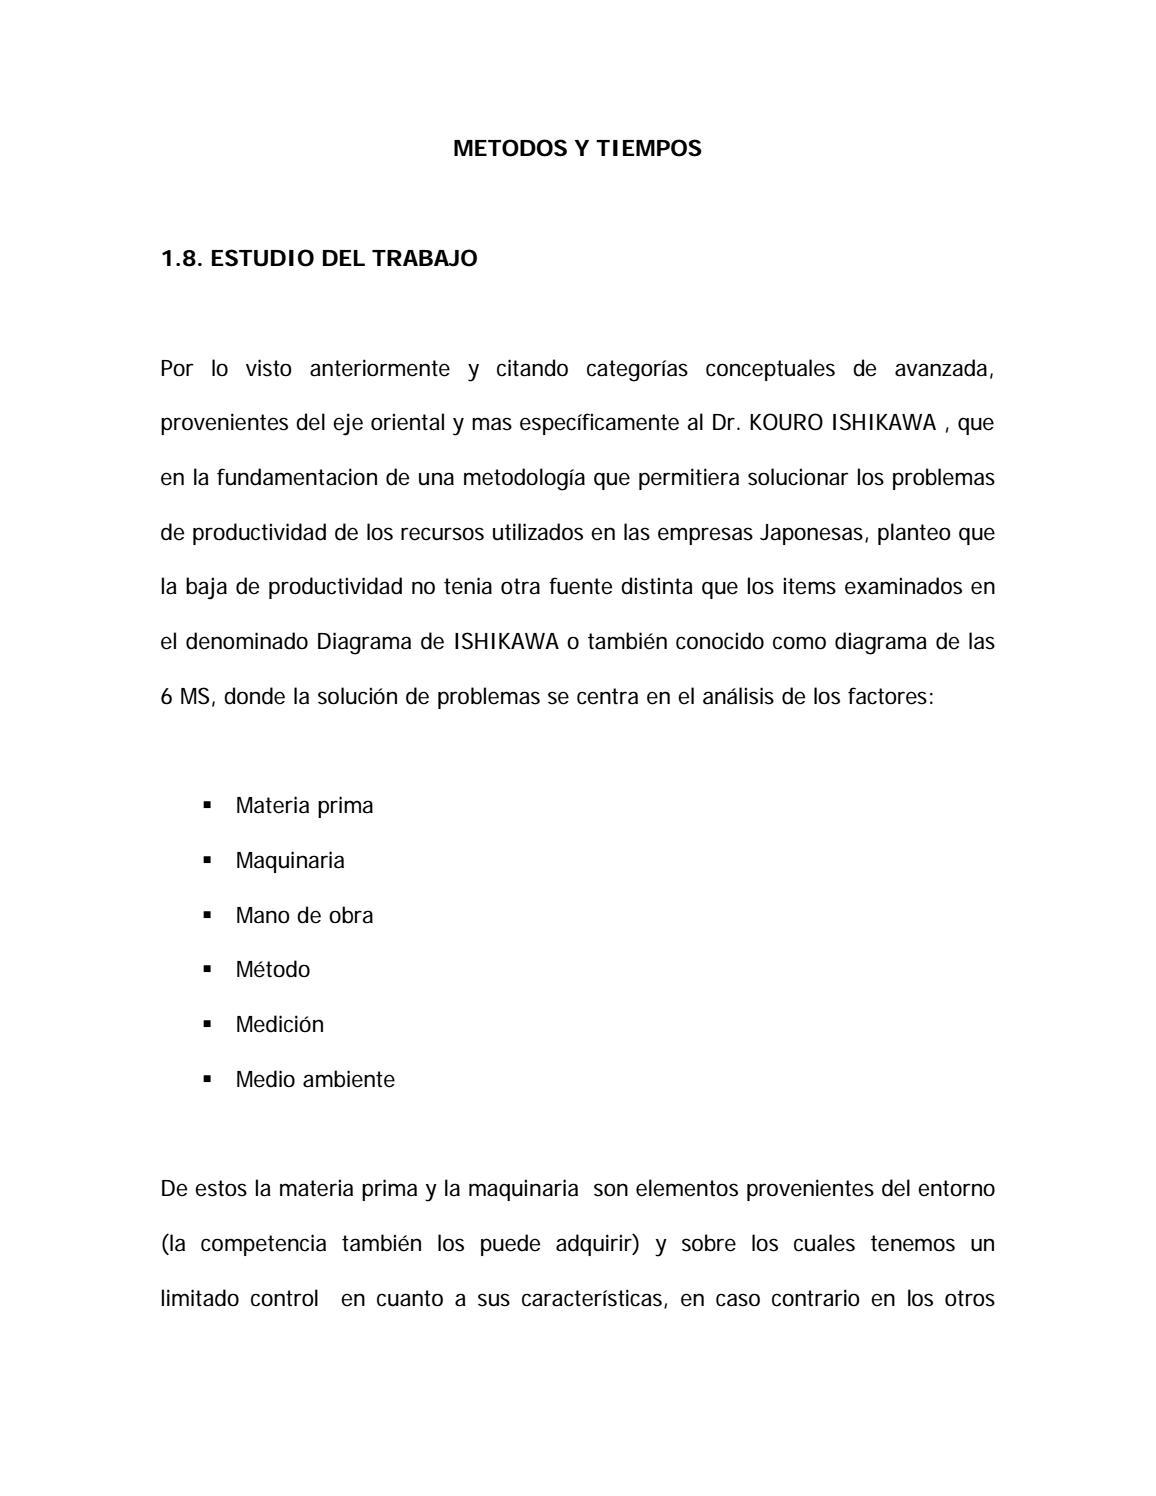 Estudio de metodos y movimintos by Teira Sabine MH - issuu